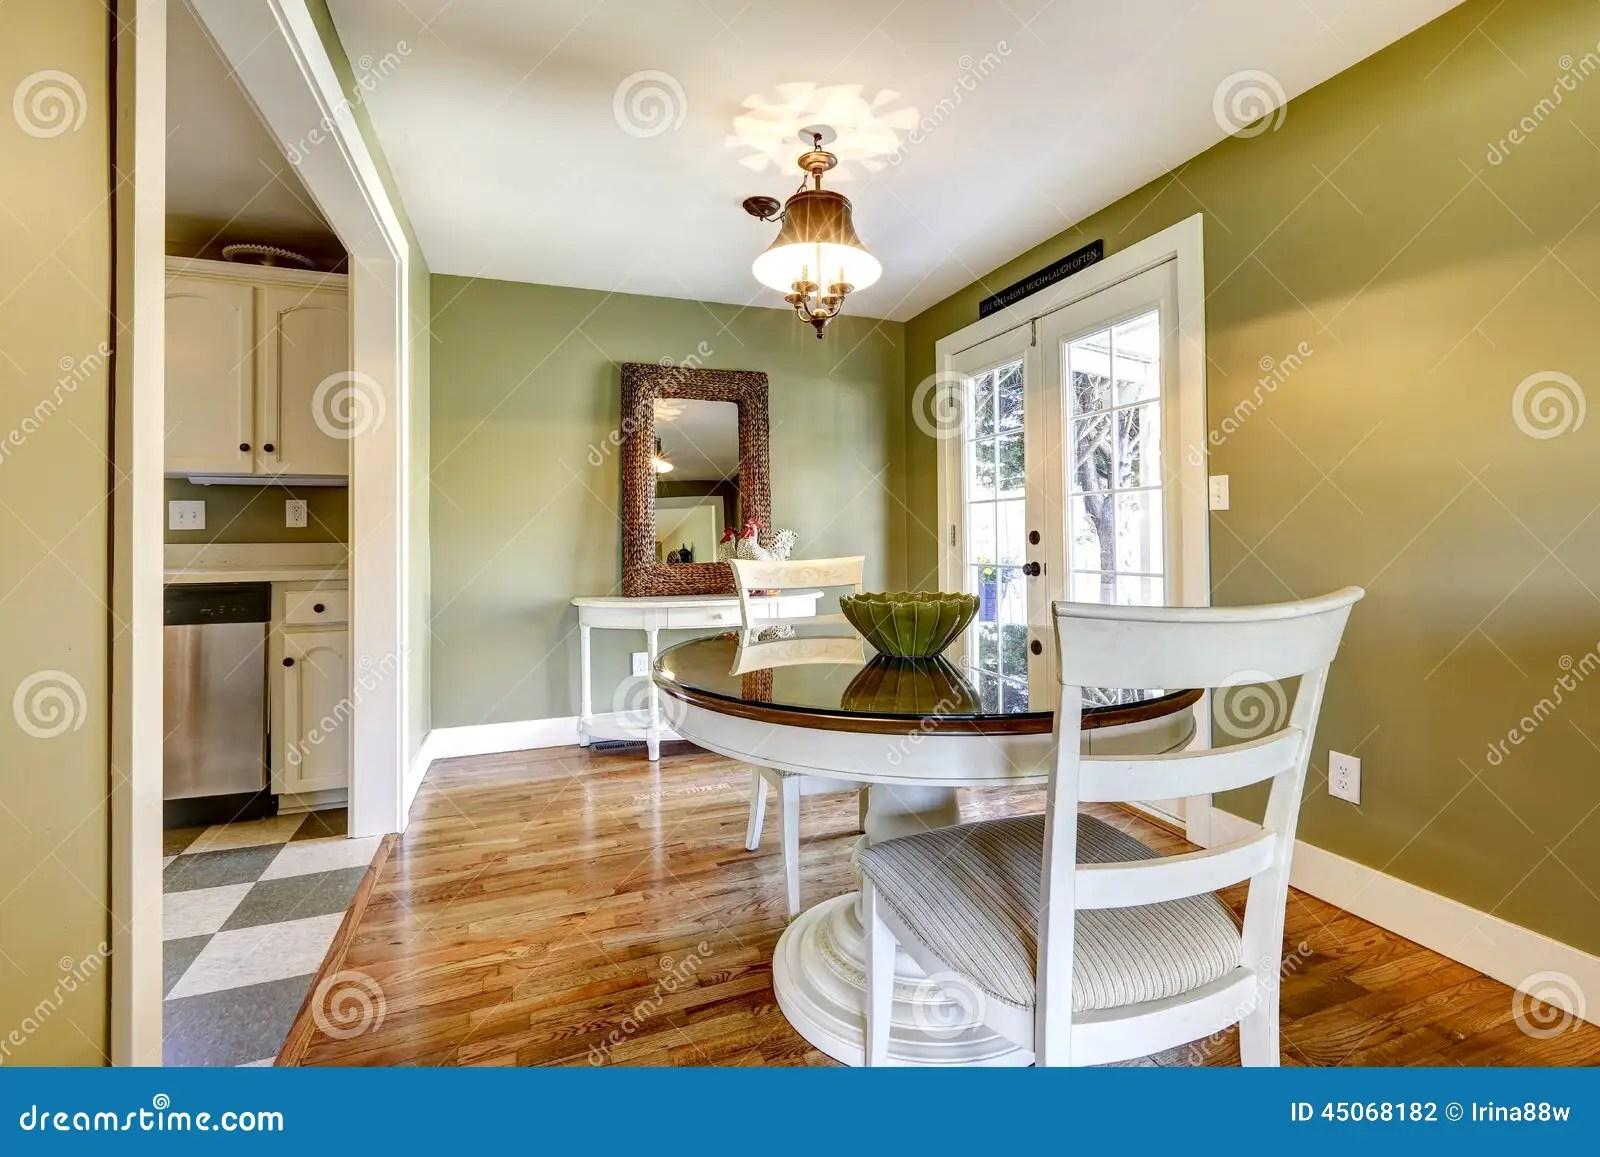 la table de salle a manger a place dans la chambre avec le mur vert et la porte francaise blanche